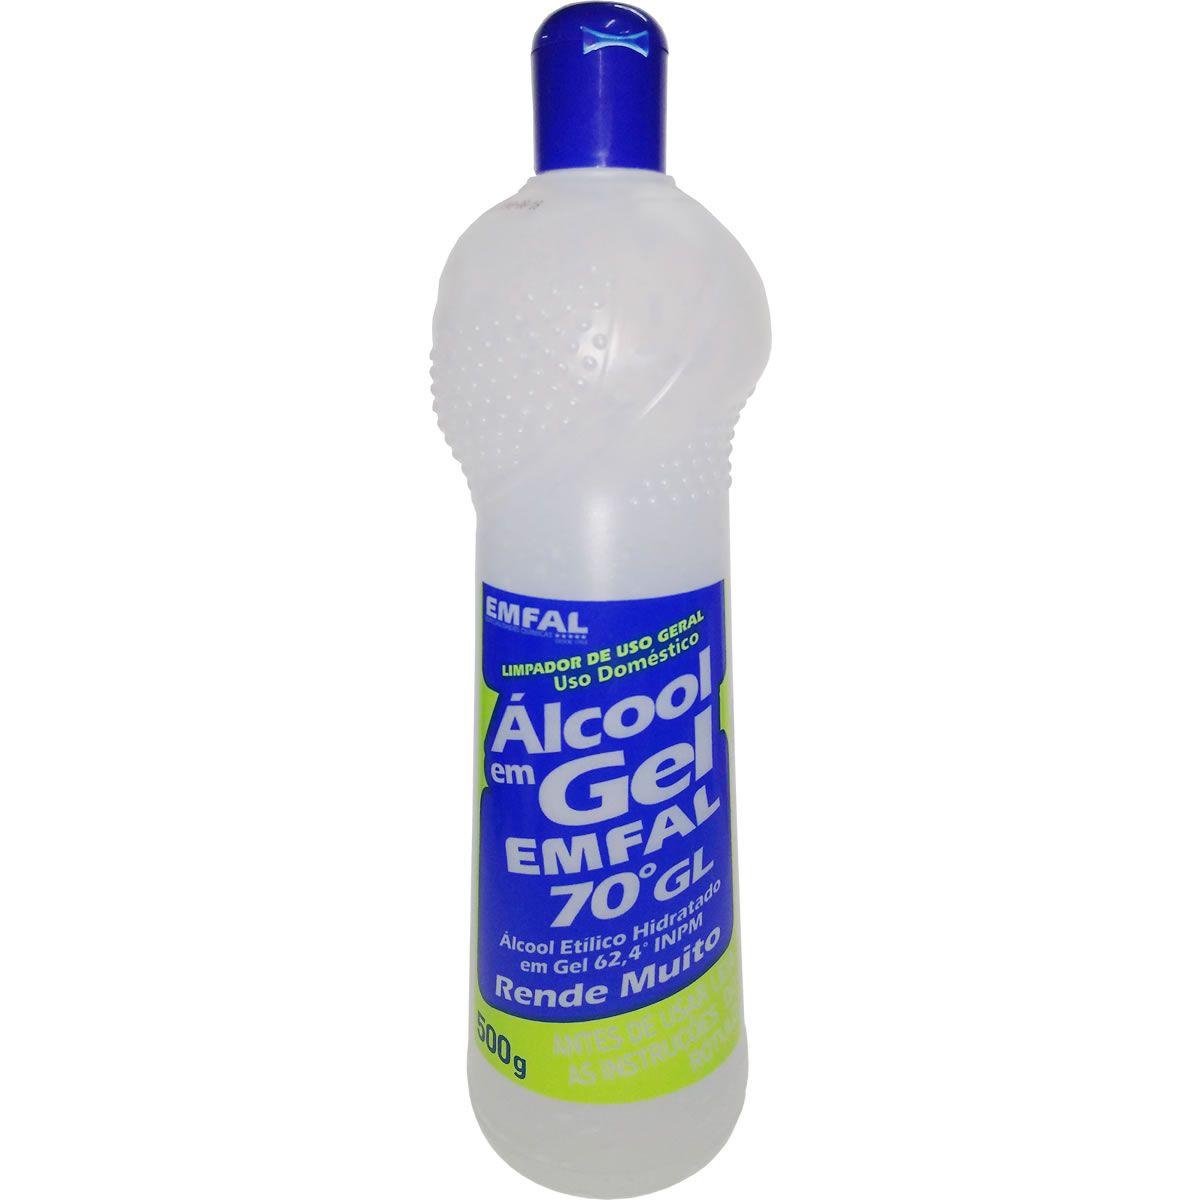 Álcool Gel 70% 500g - Ideal Limpeza Superfícies